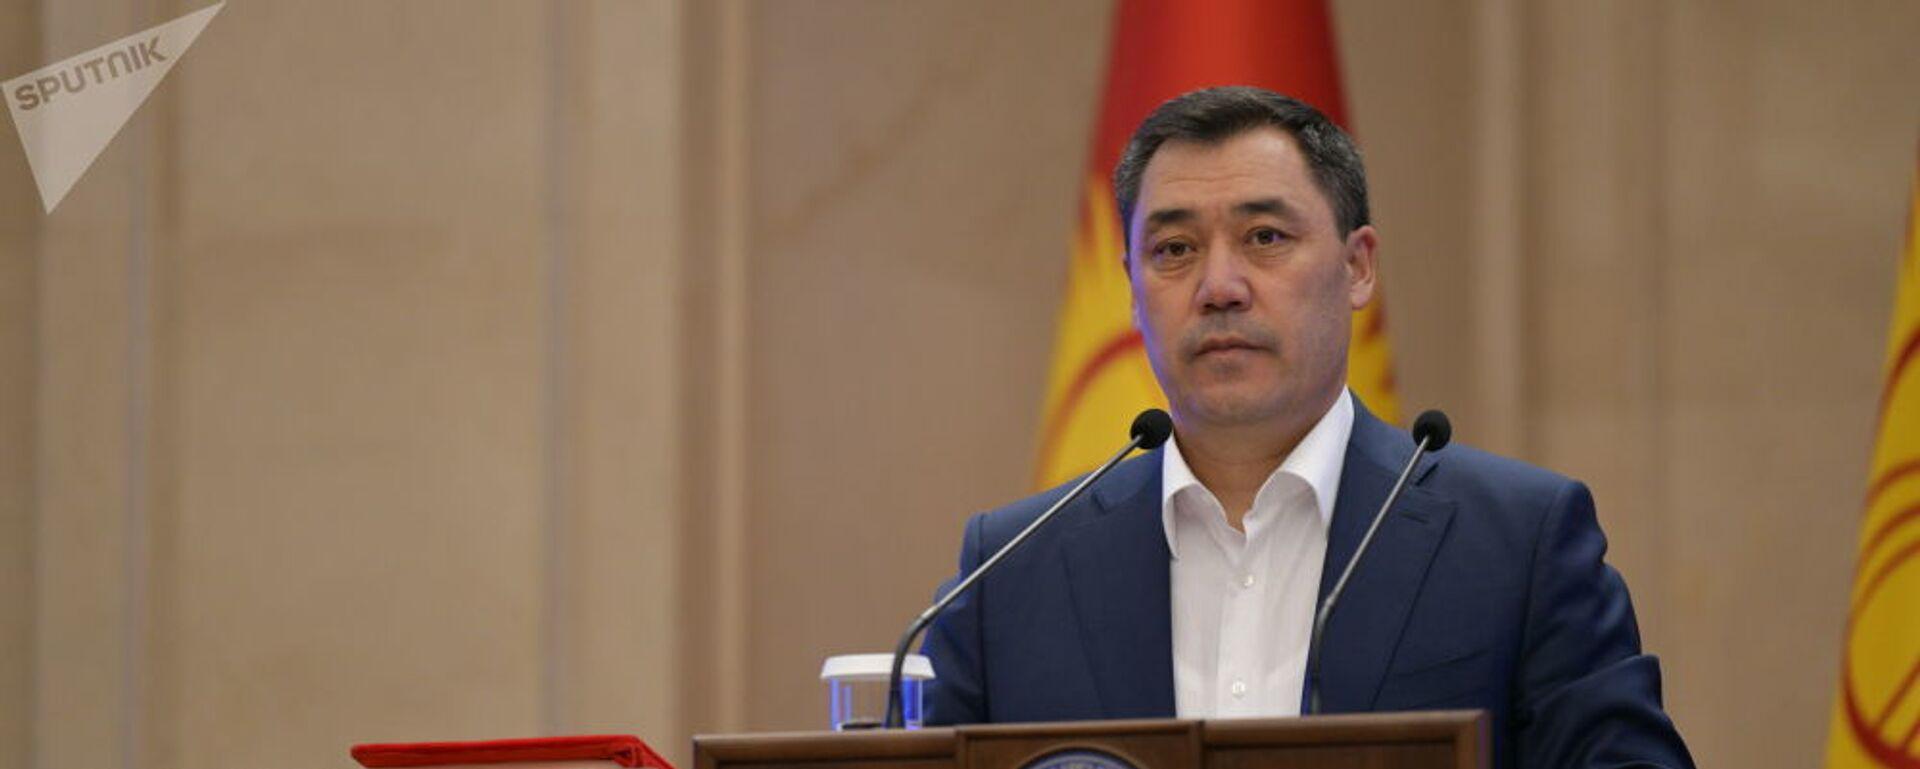 Избранный президент Кыргызстана Садыр Жапаров. Архивное фото - Sputnik Таджикистан, 1920, 25.01.2021